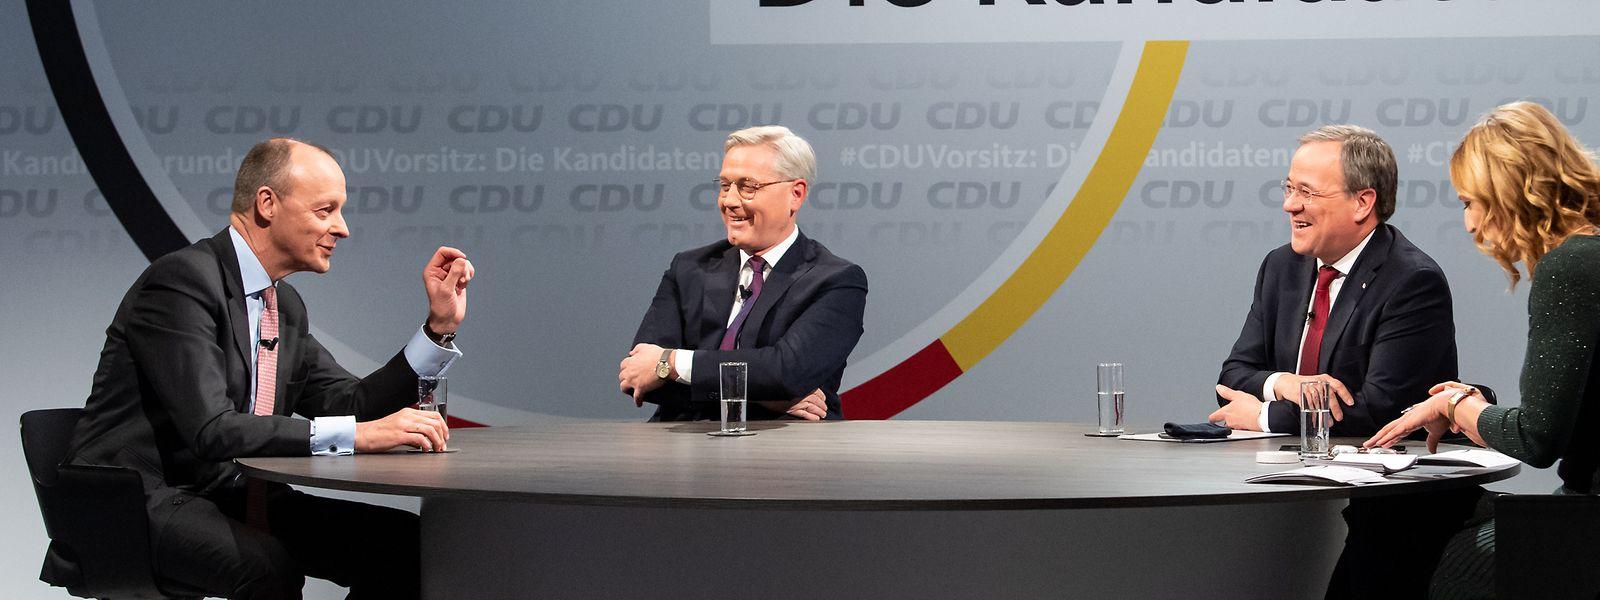 Die drei Kandidaten für den Vorsitz der CDU Deutschlands, Friedrich Merz (l-r), Norbert Röttgen und Armin Laschet, unterhalten sich mit Moderatorin Tanja Samrotzki in einem Online-Video-Talkformat, in dem live aus dem Konrad-Adenauer-Haus Fragen der CDU-Mitglieder beantwortet werden.